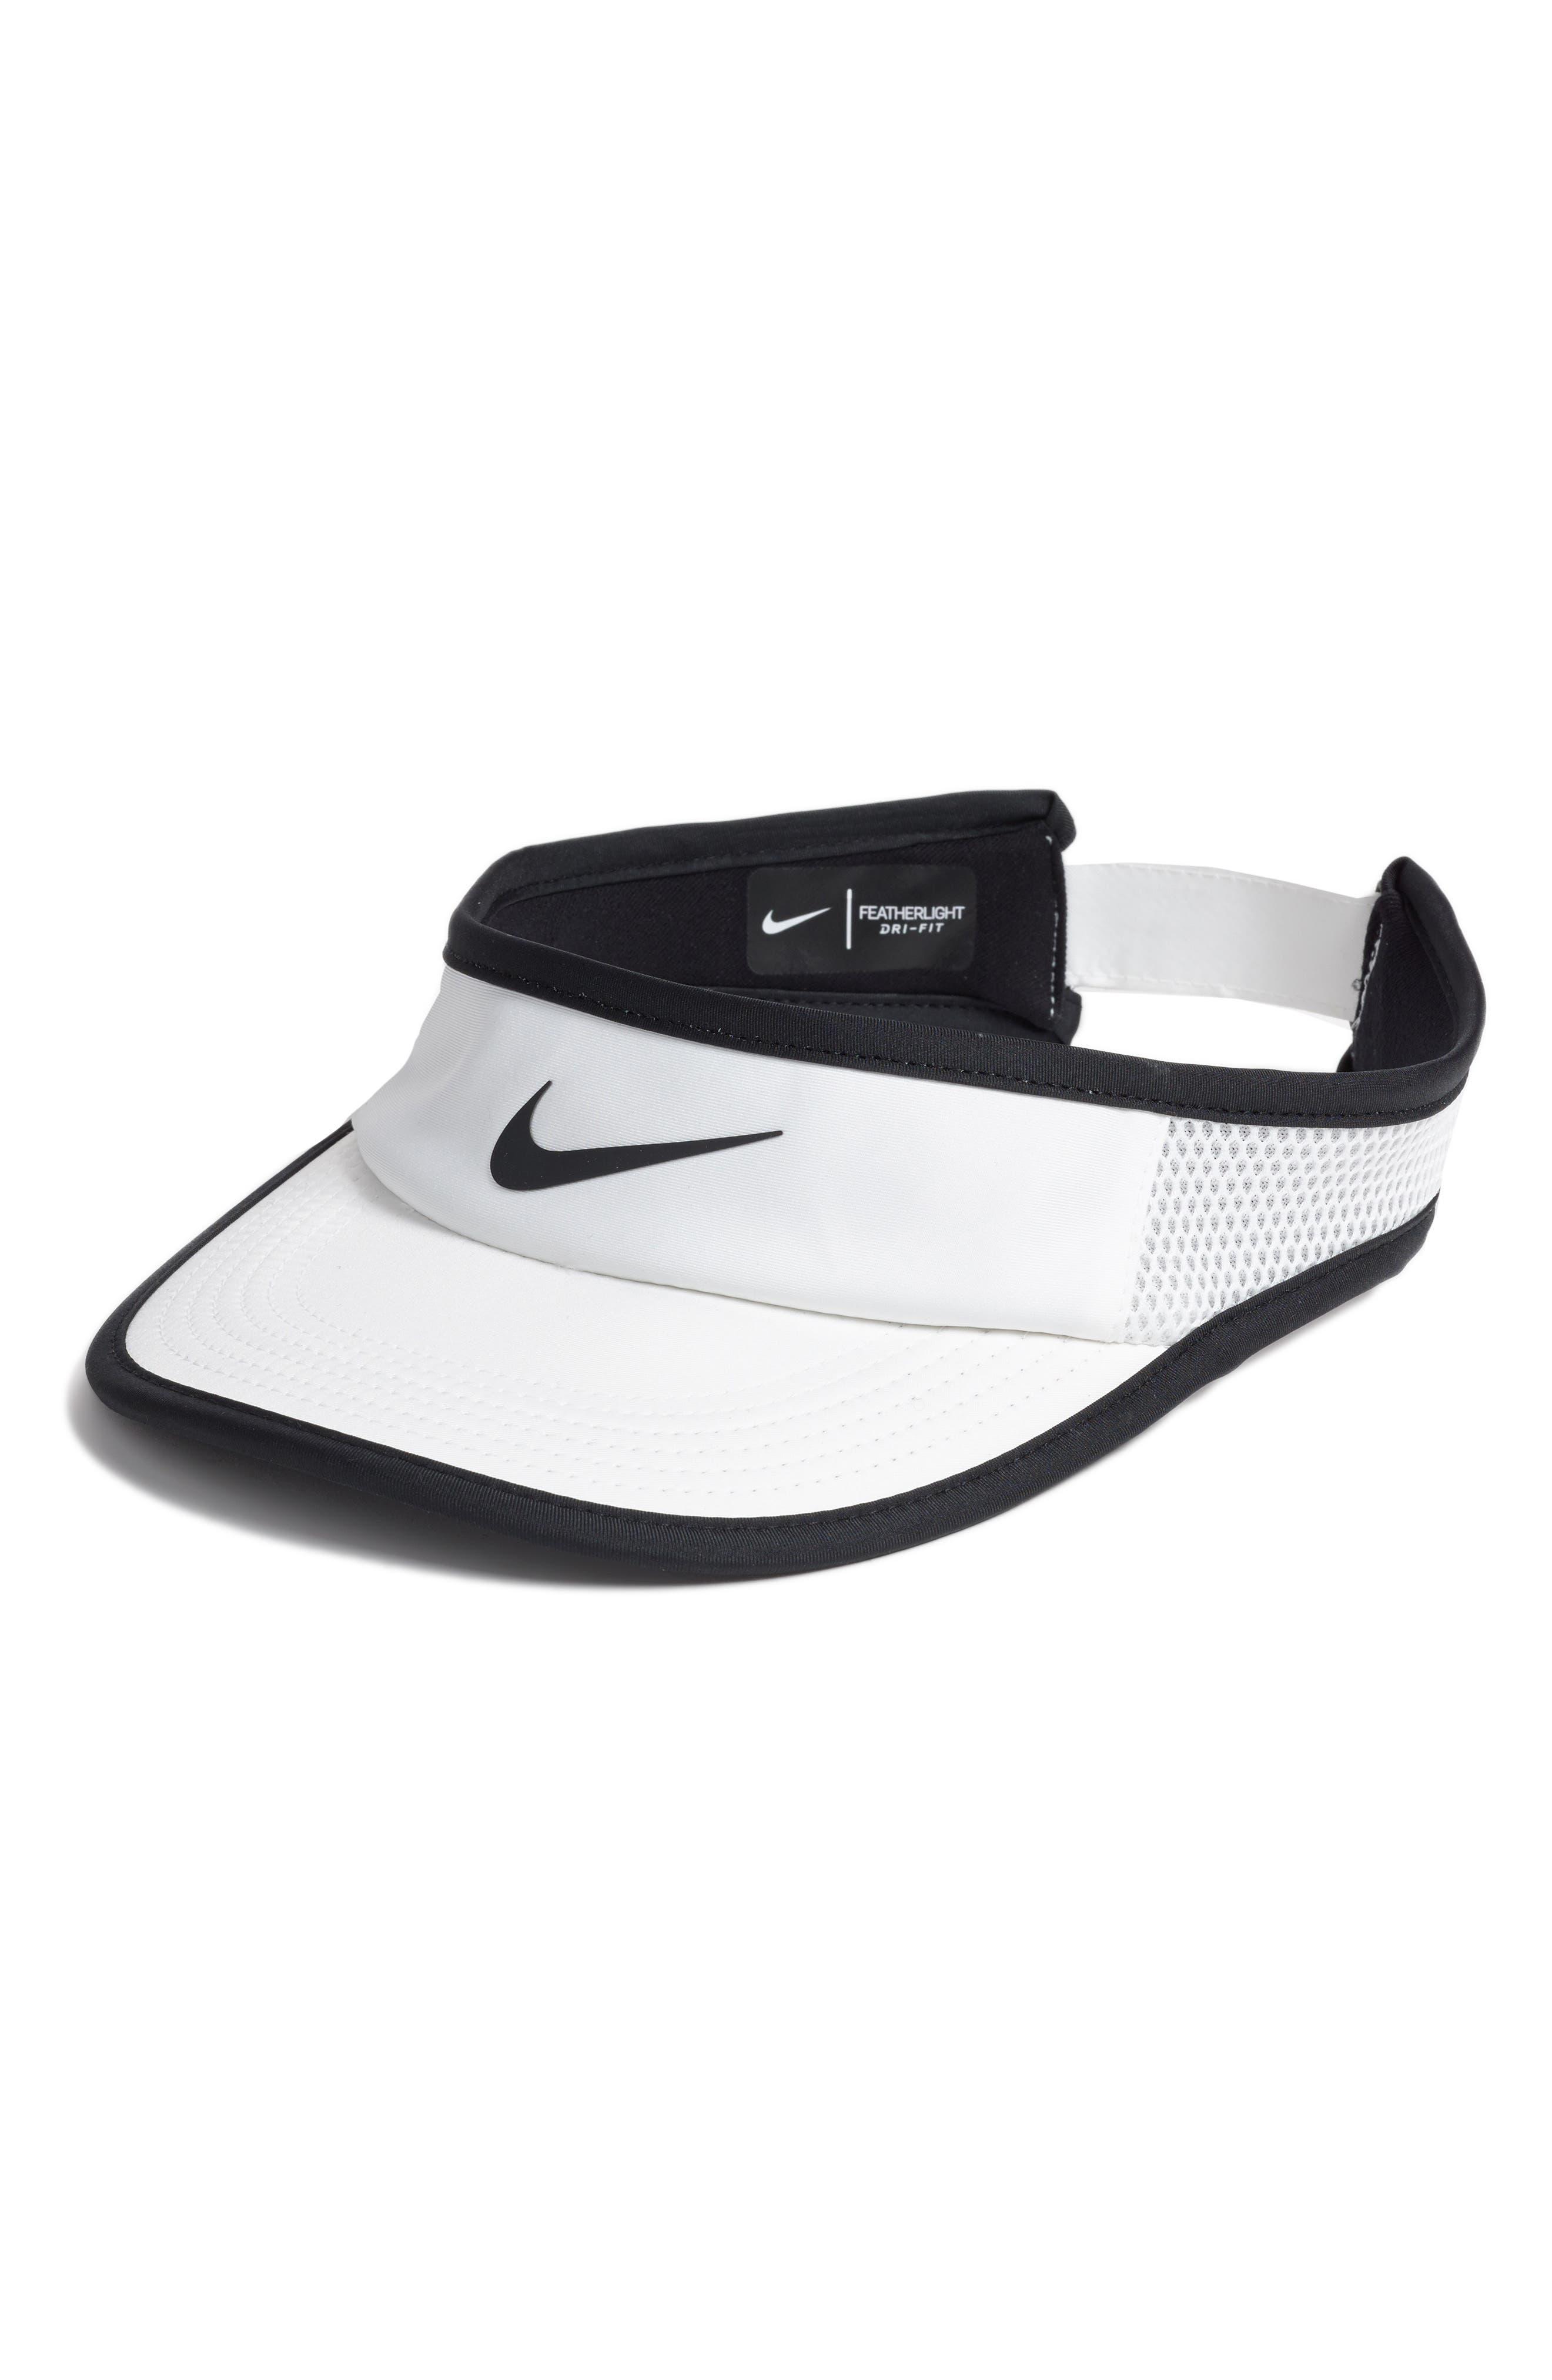 Alternate Image 1 Selected - Nike Court AeroBill Tennis Visor